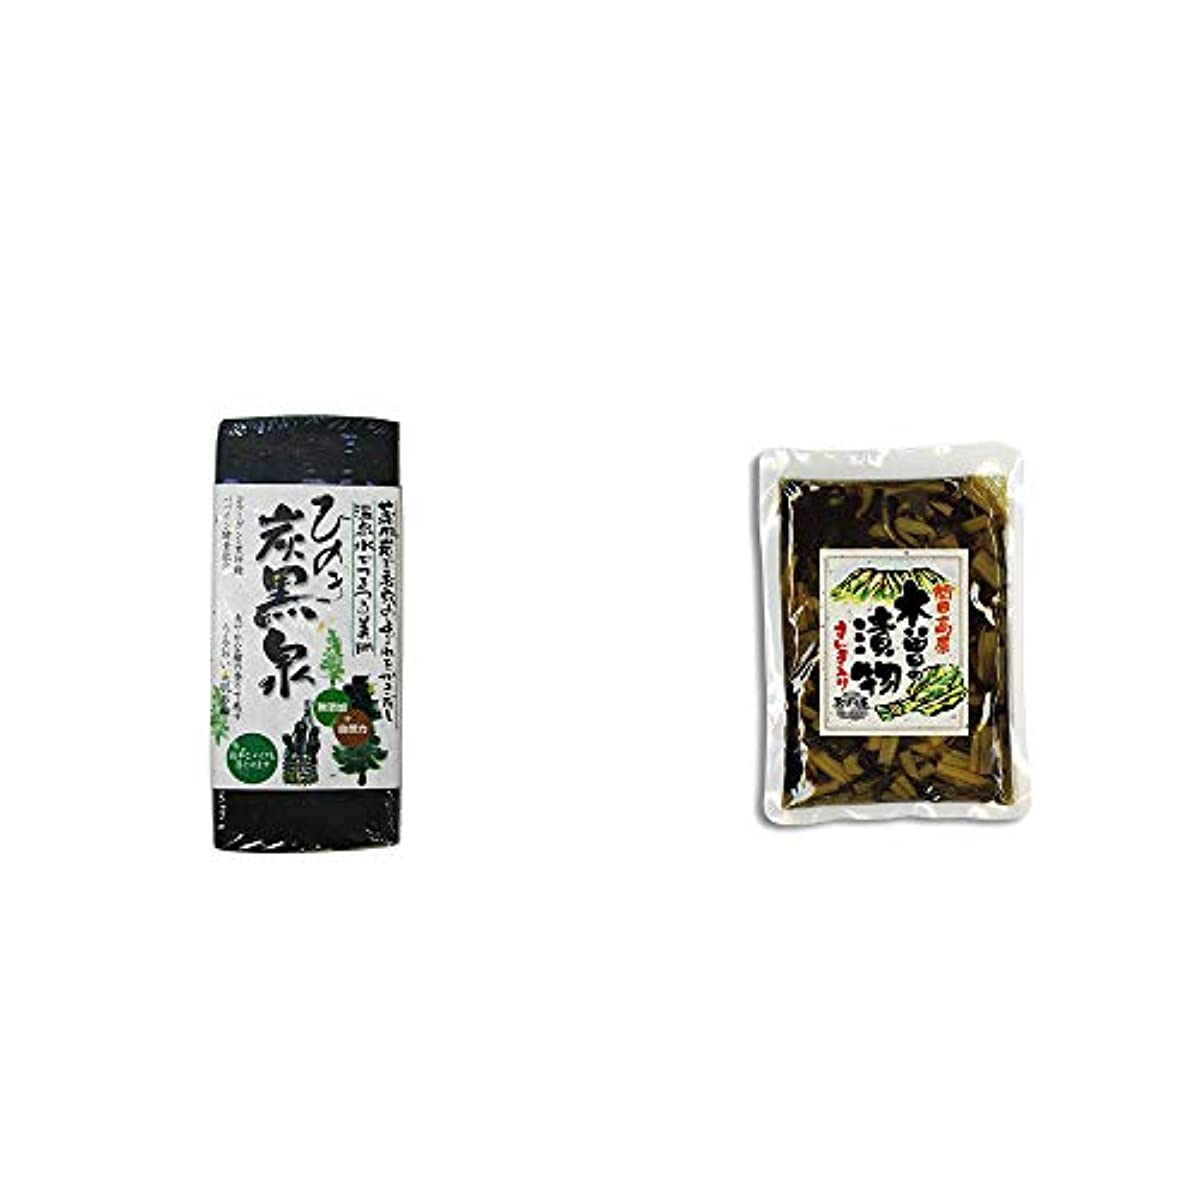 [2点セット] ひのき炭黒泉(75g×2)?【年中販売】木曽の漬物 すんき入り(200g) / すんき漬け味付加工品 //